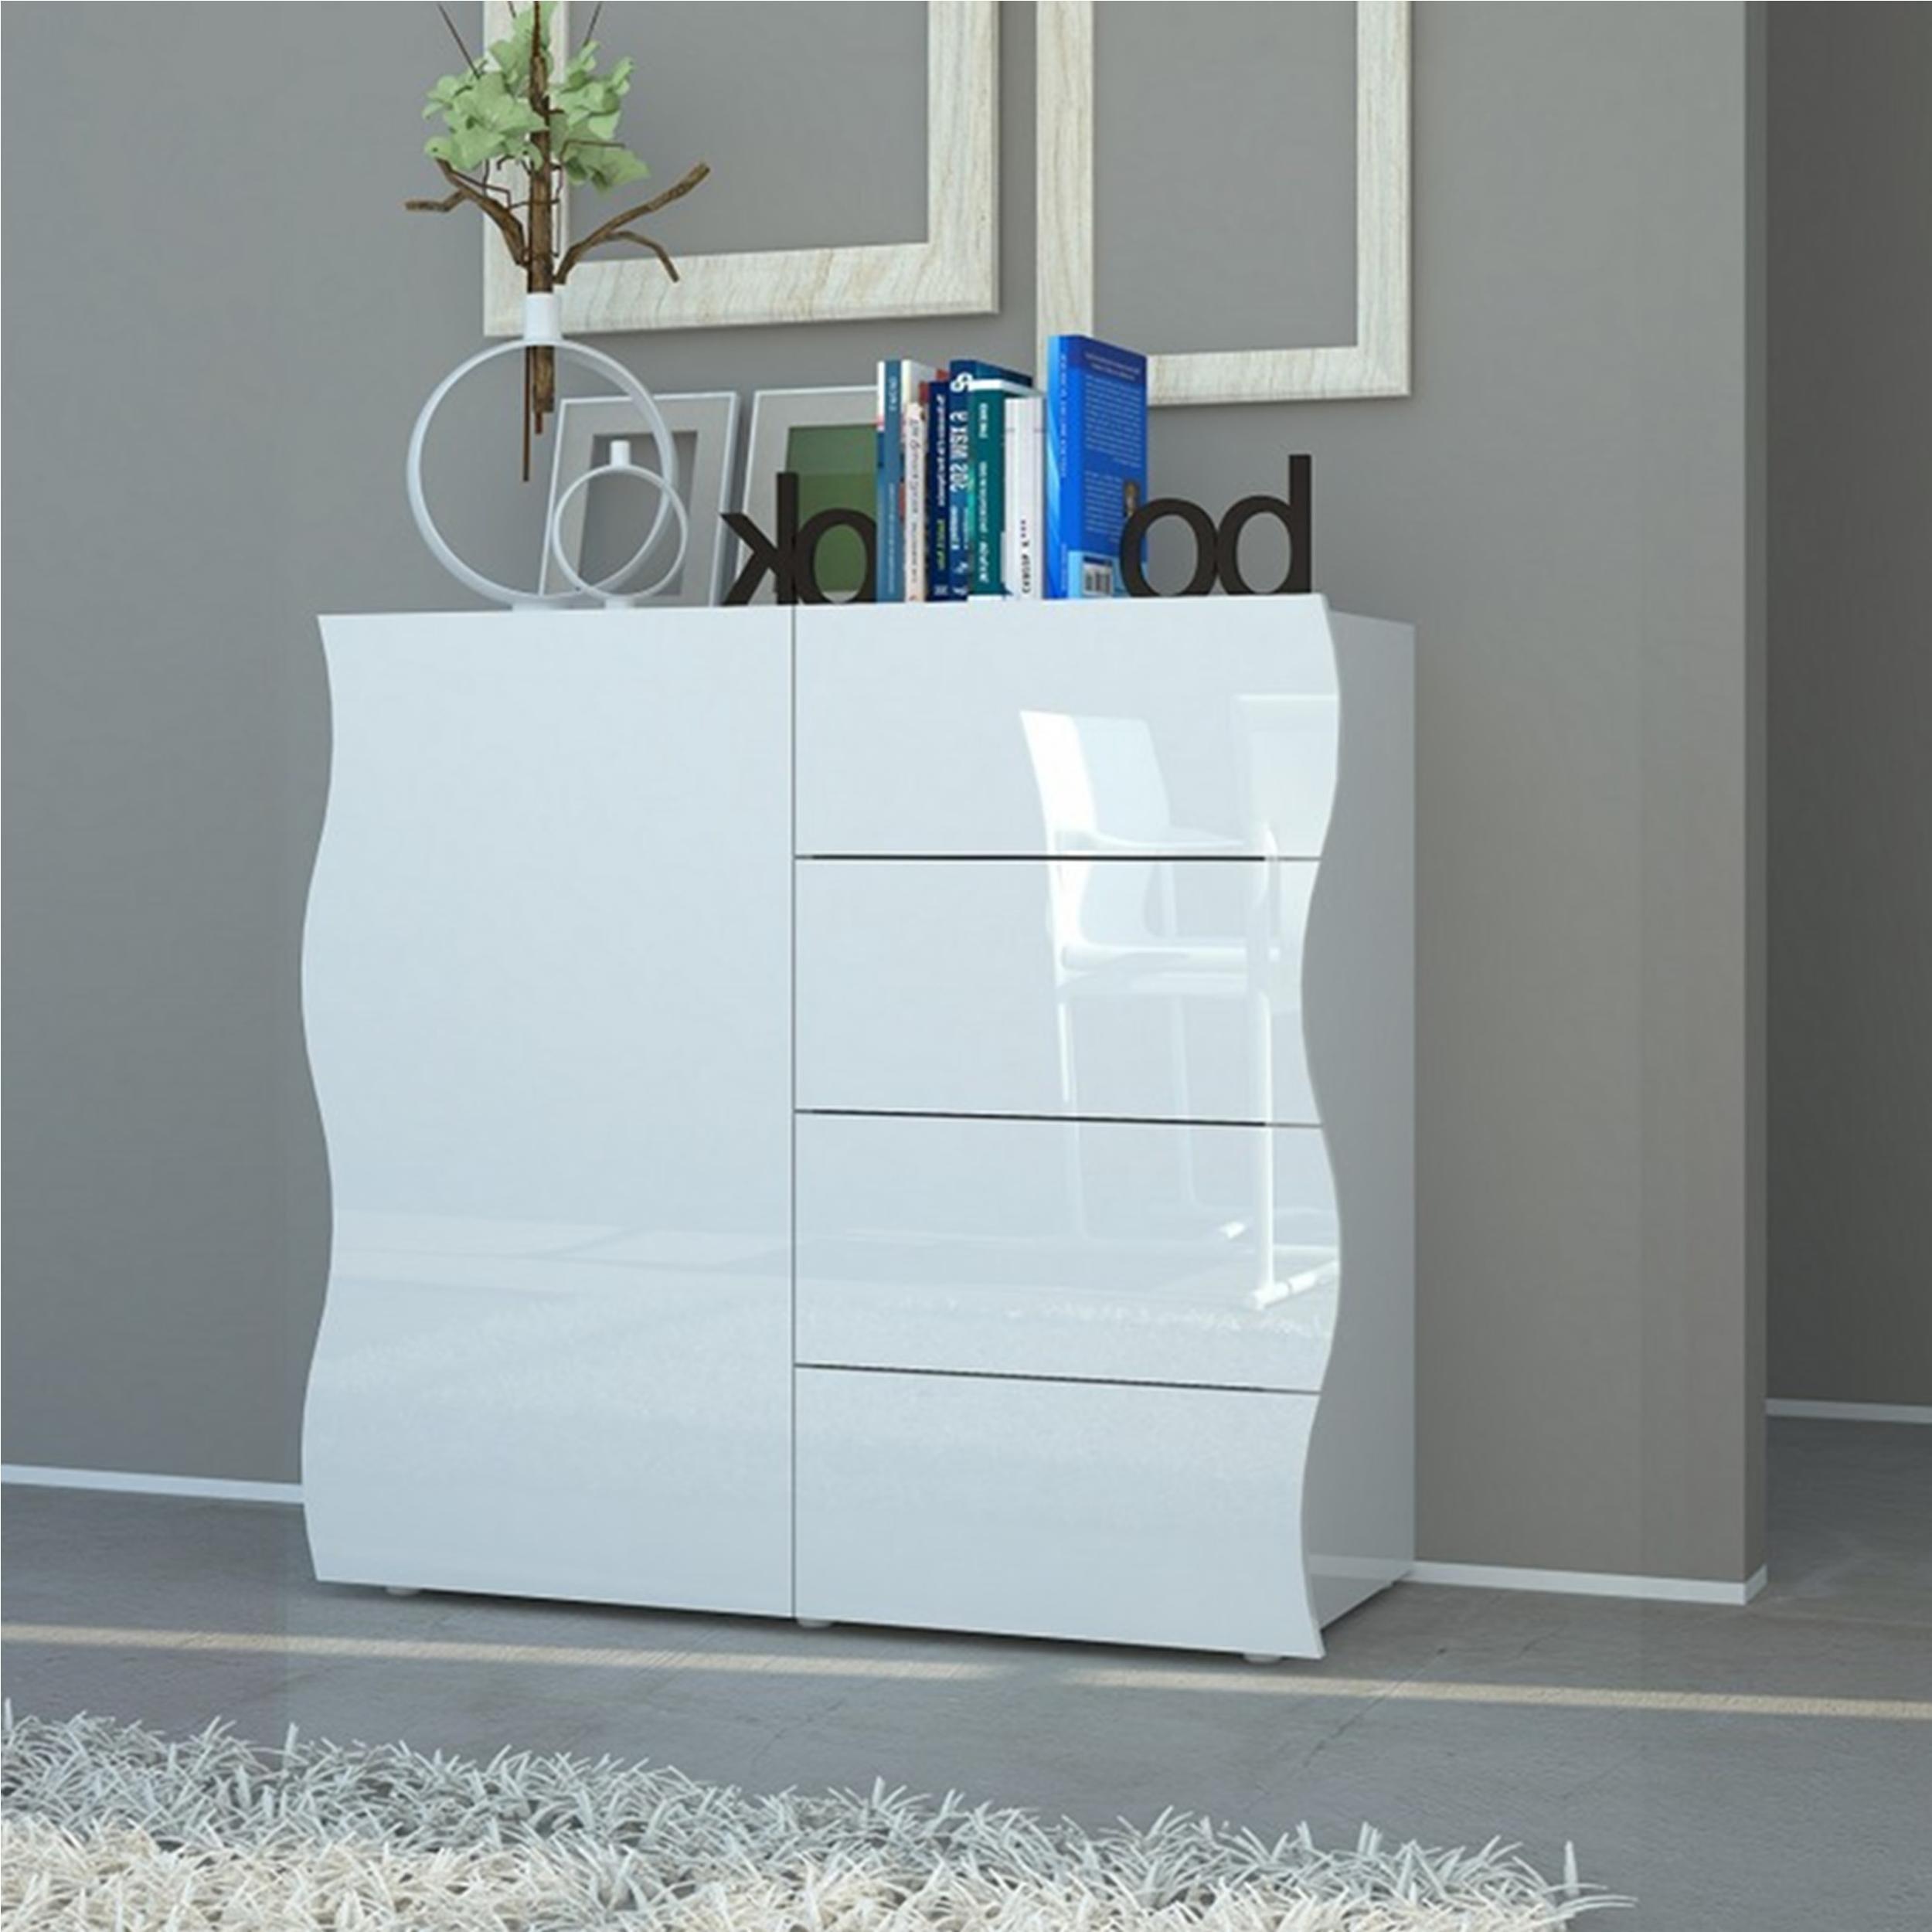 Mobile onda 4 cassetti 1 anta 90x40xh81 2 cm bianco laccato lucido tecnos arredamento - Mobile cassetti ...